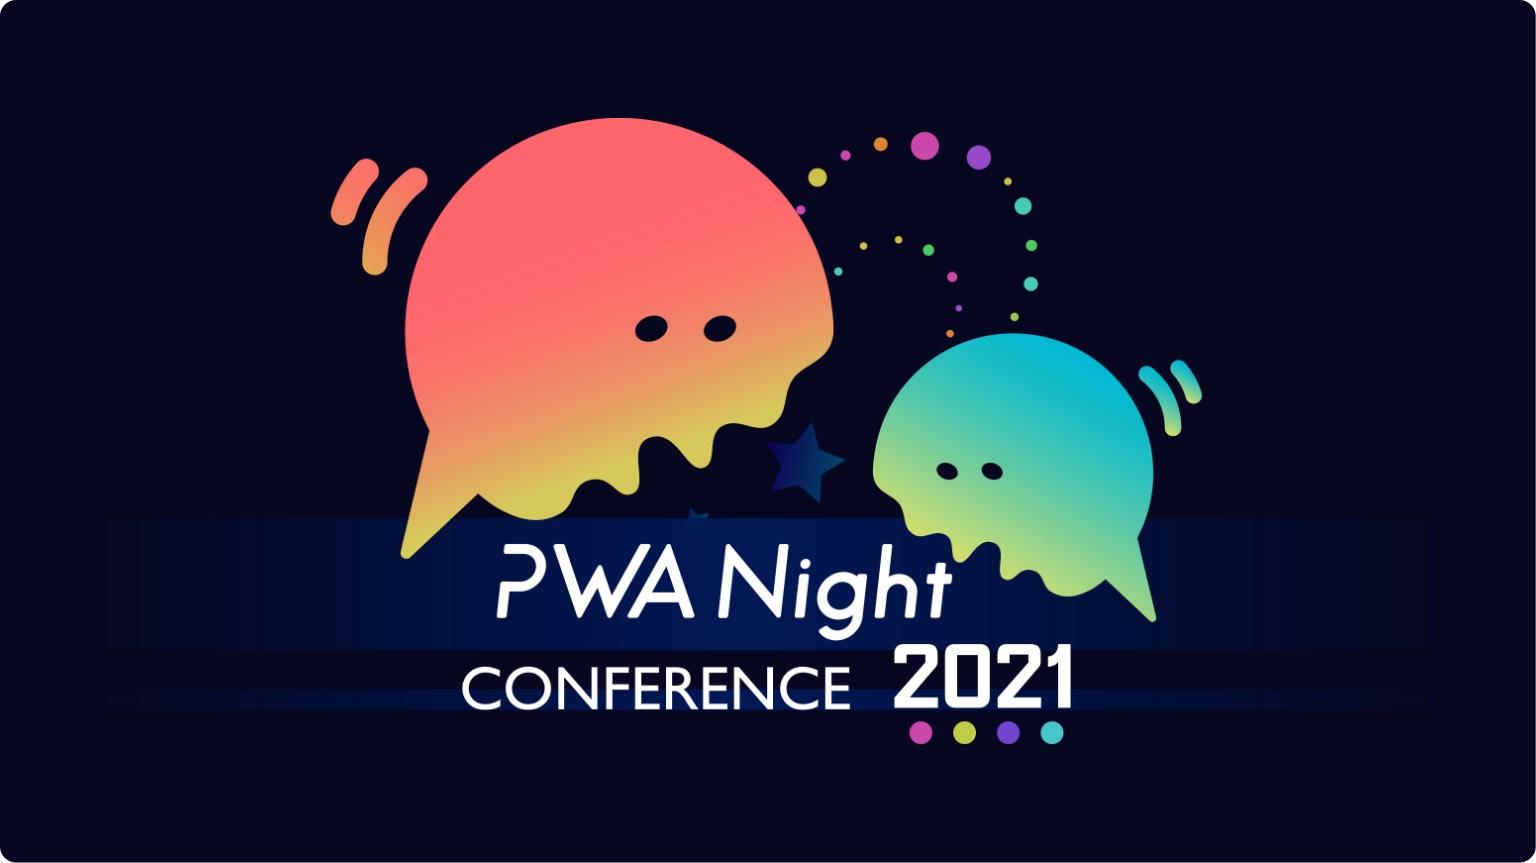 PWA Night Conference 2021